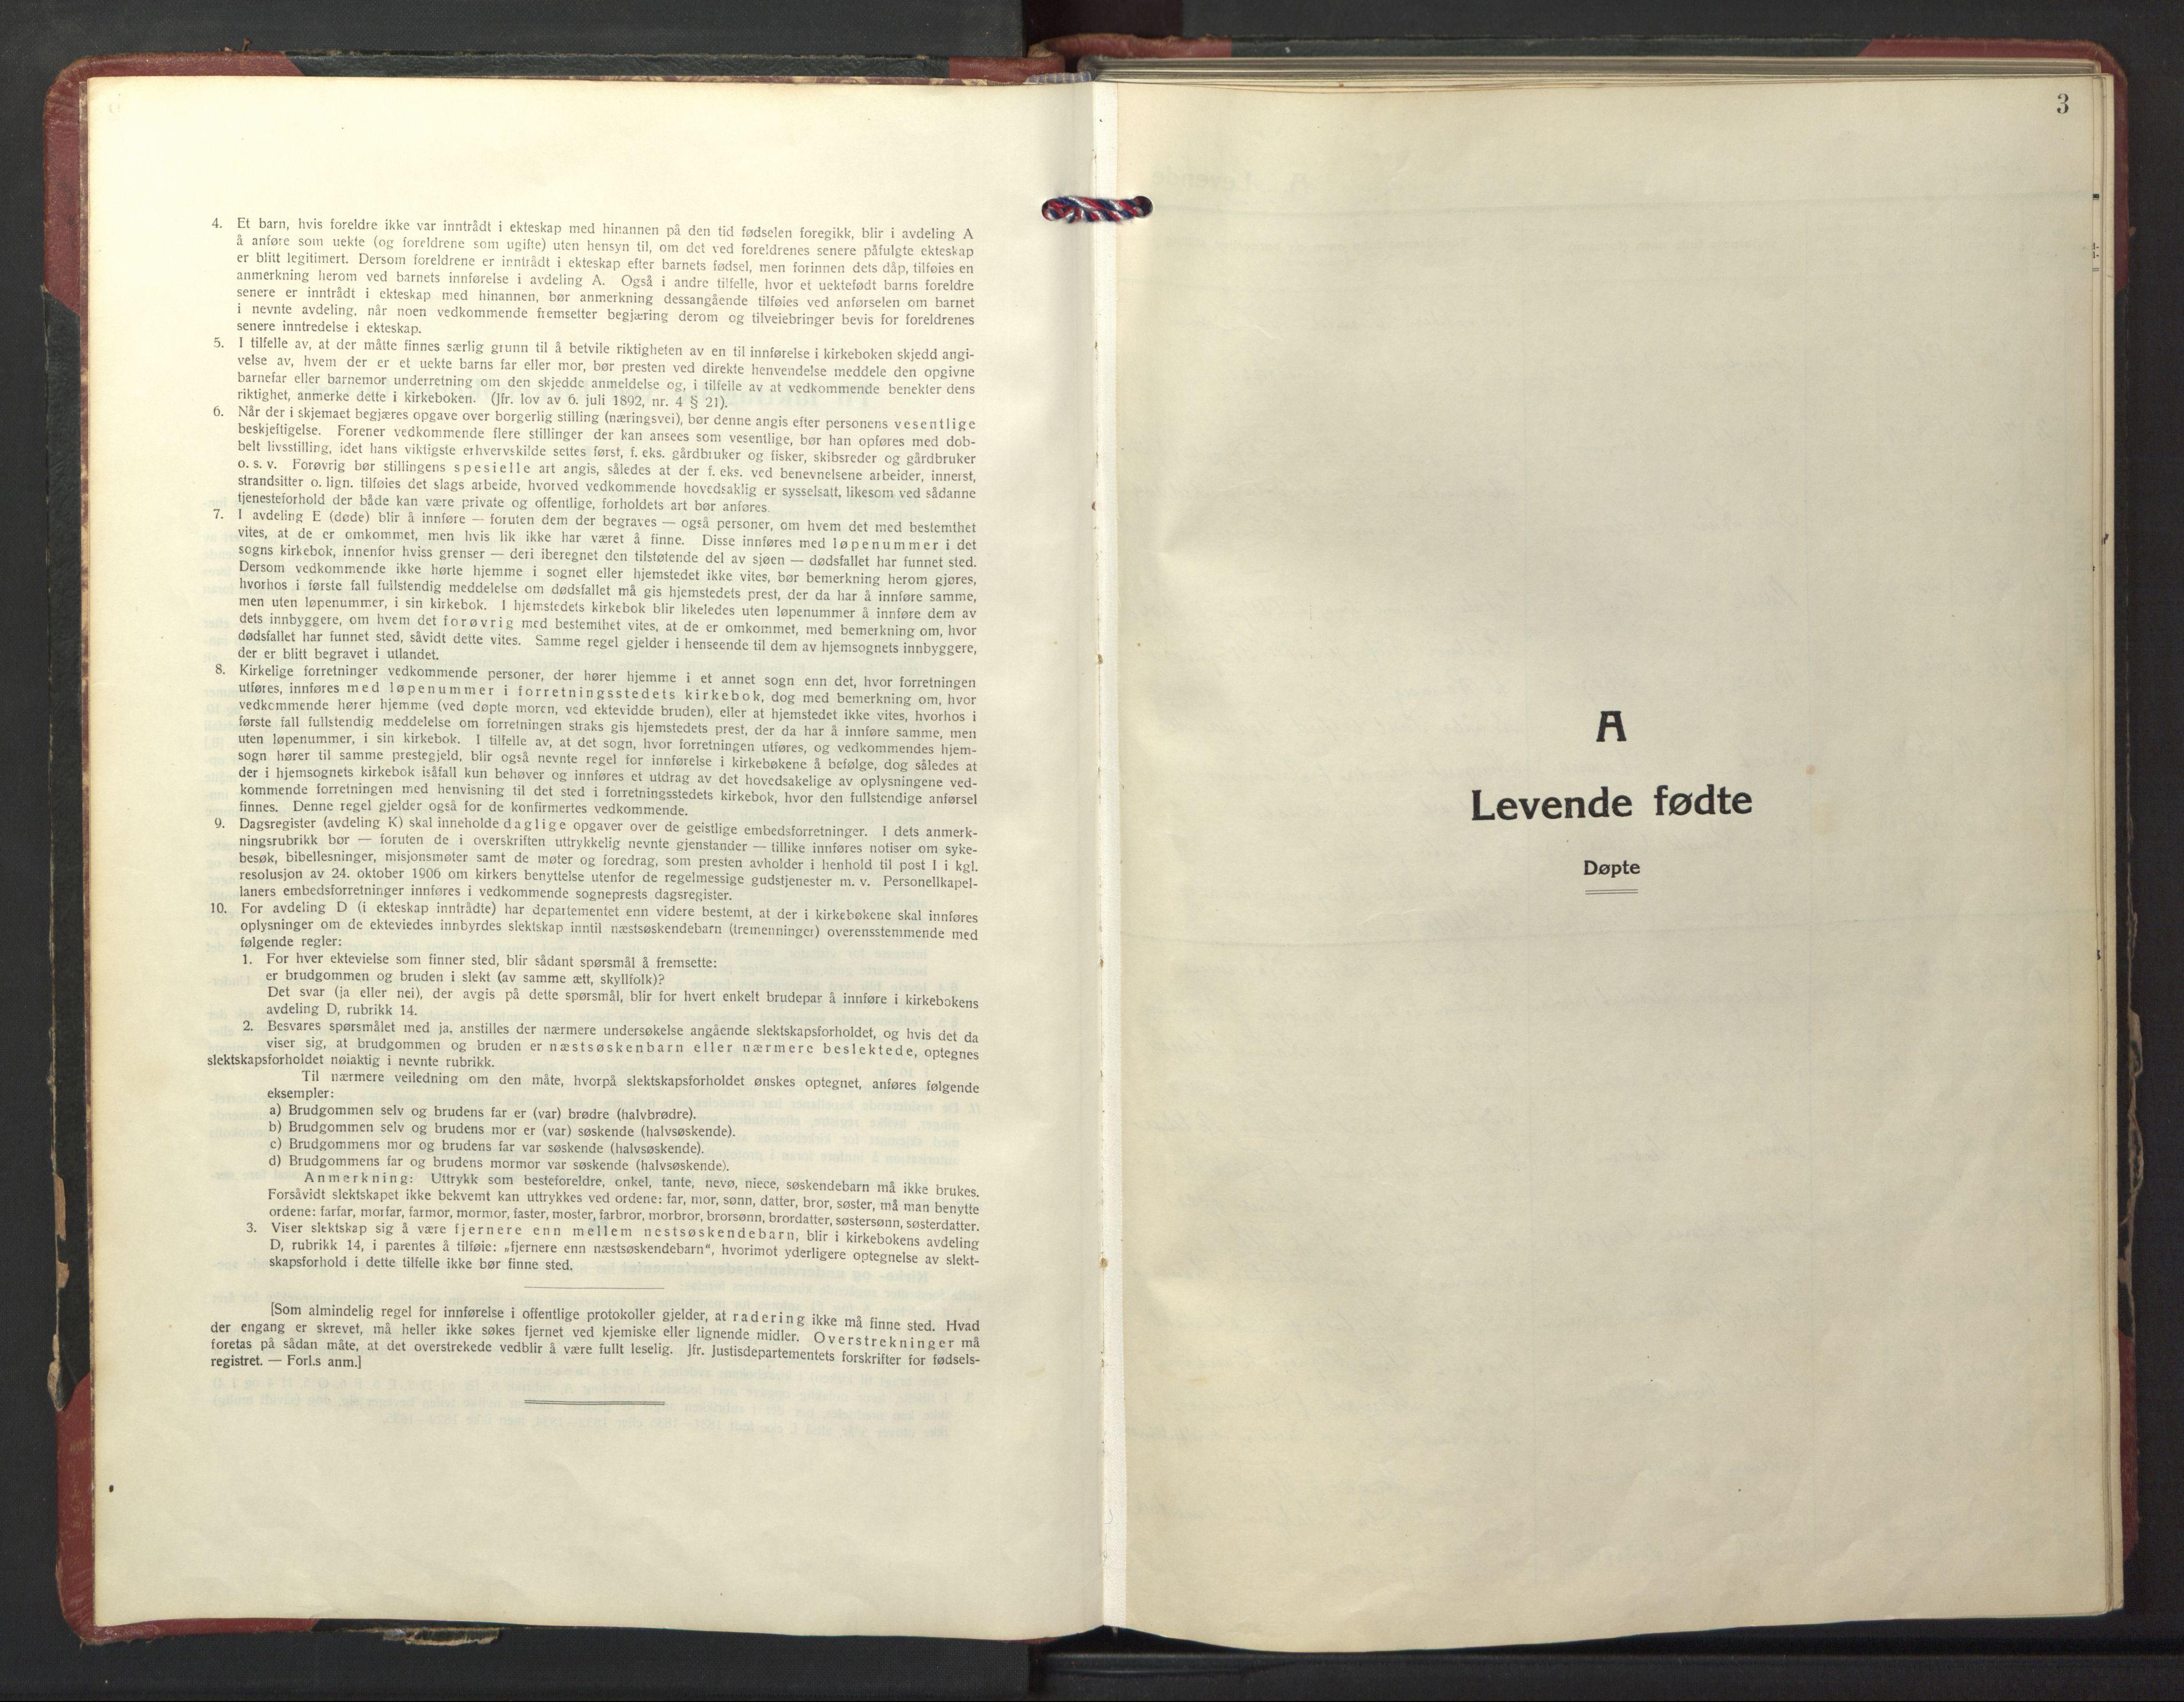 SAT, Ministerialprotokoller, klokkerbøker og fødselsregistre - Nord-Trøndelag, 770/L0592: Klokkerbok nr. 770C03, 1941-1950, s. 3